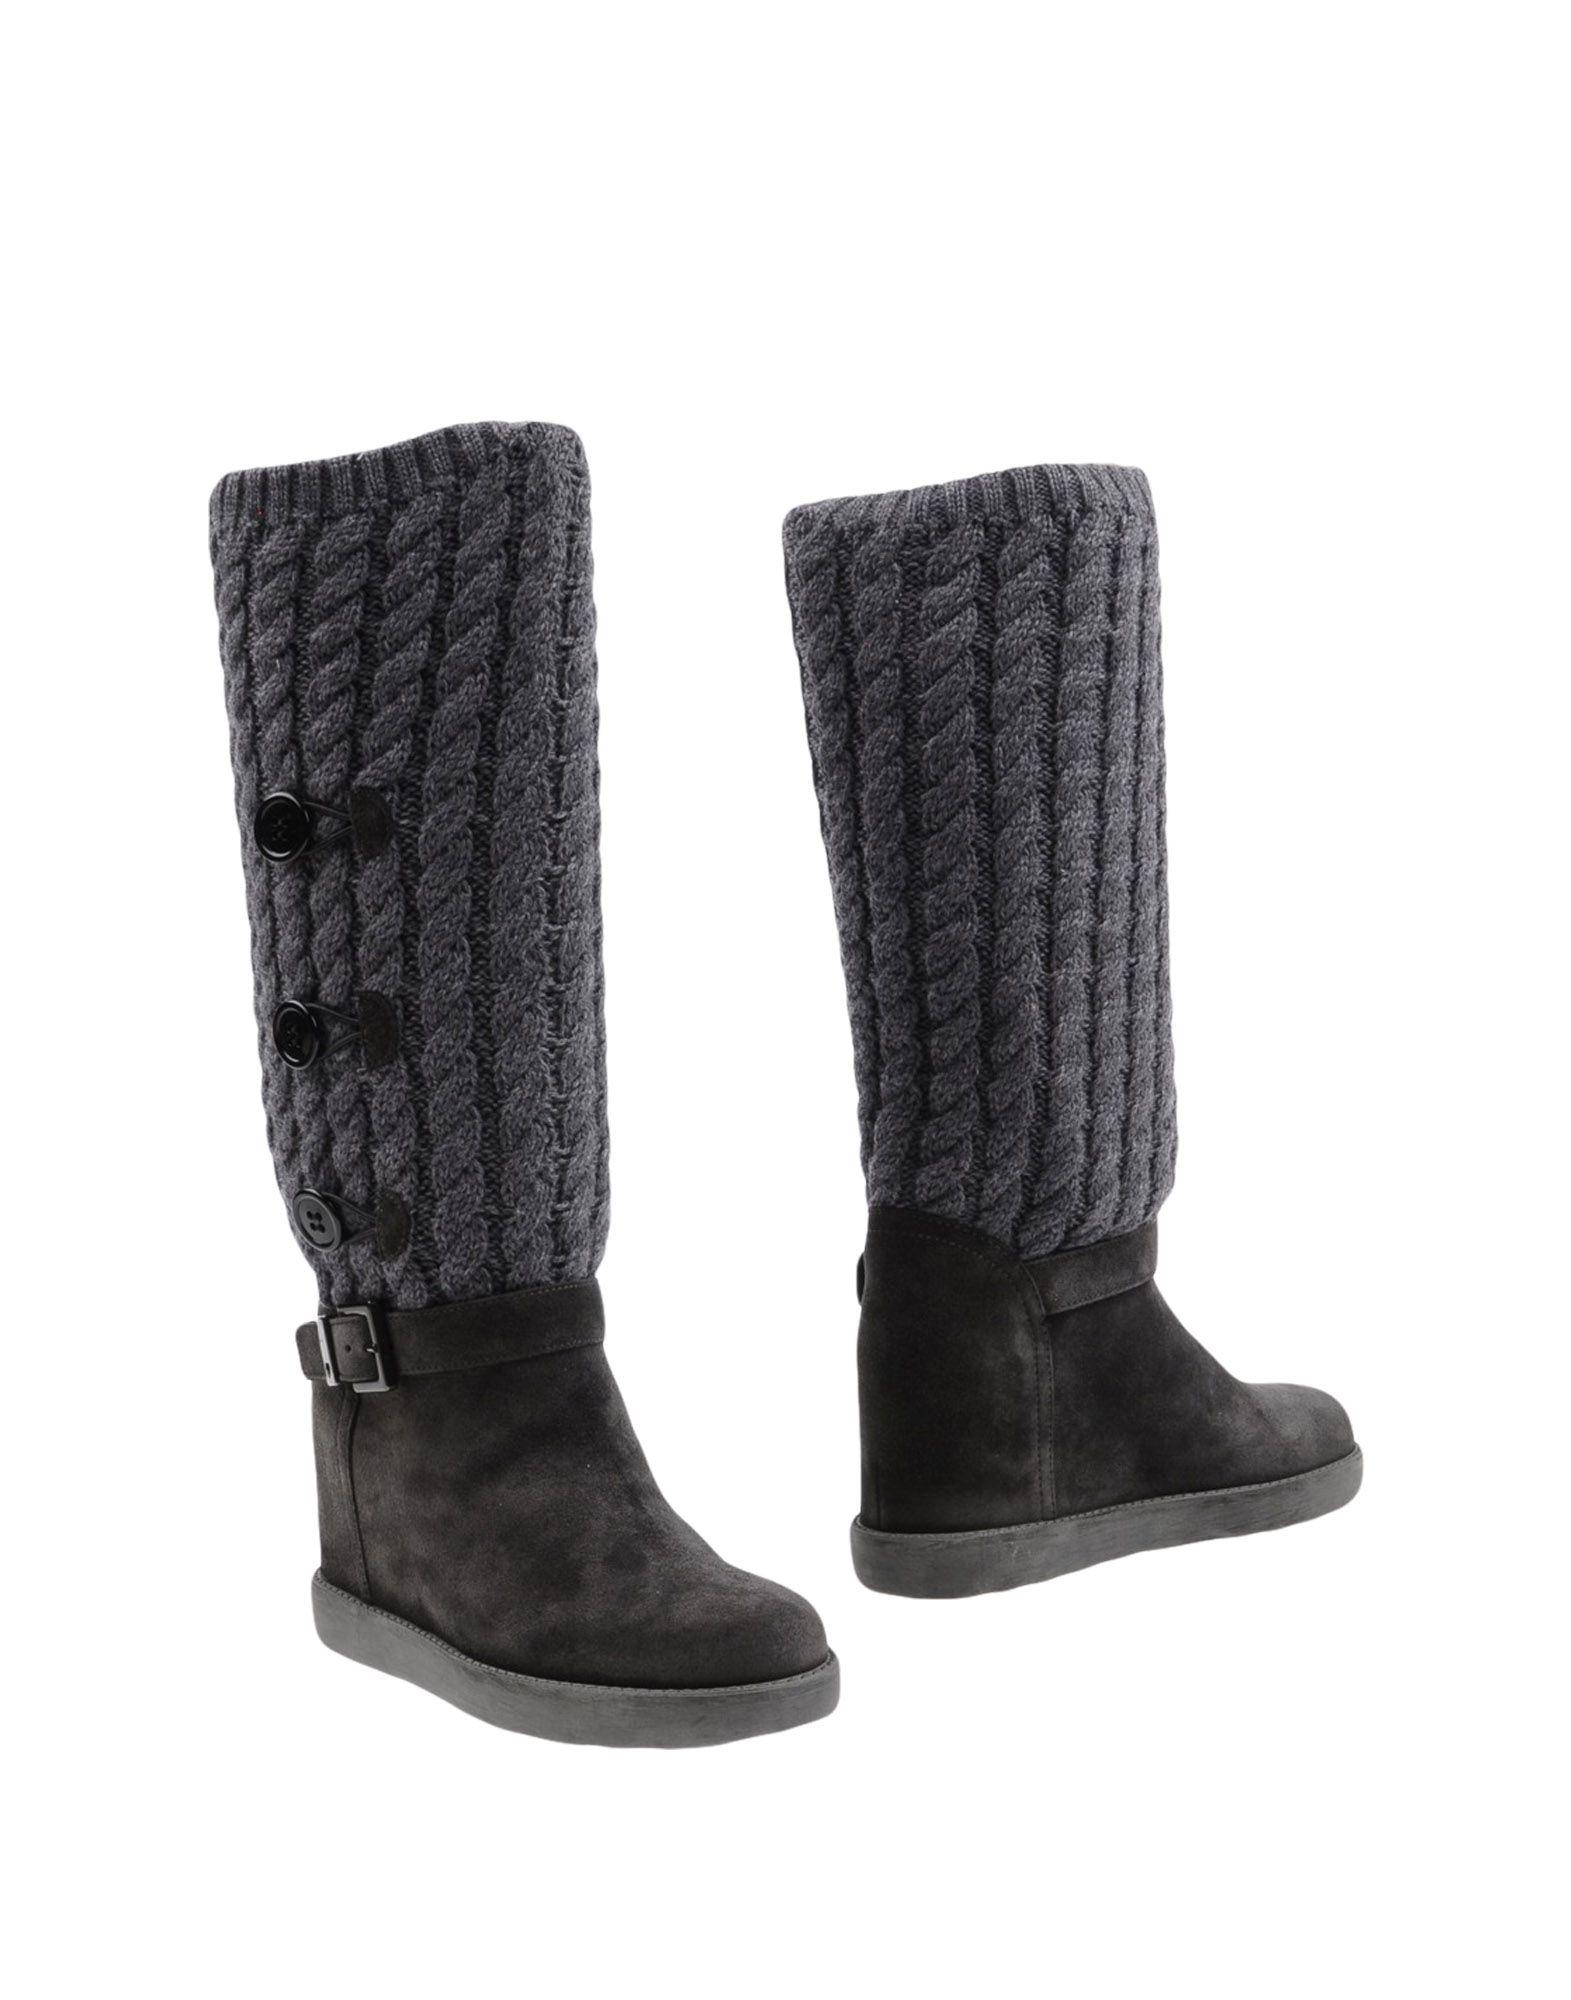 Sneakers Diemme Uomo - 11531748OJ Scarpe economiche e buone